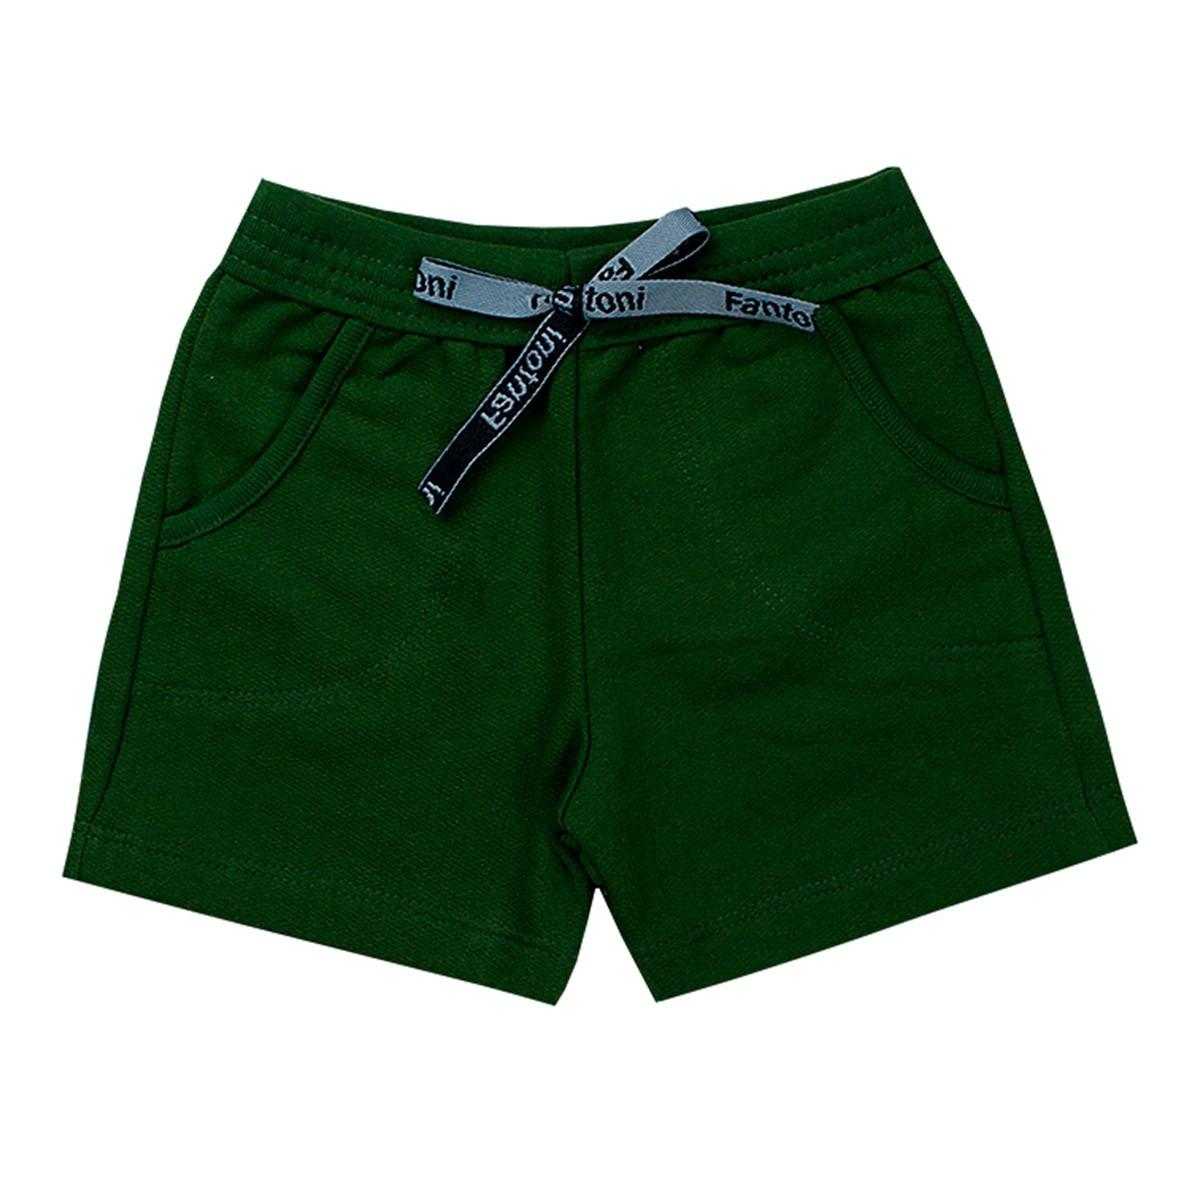 Bermuda Infantil Com Bolso Menino Verão Verde - Fantoni